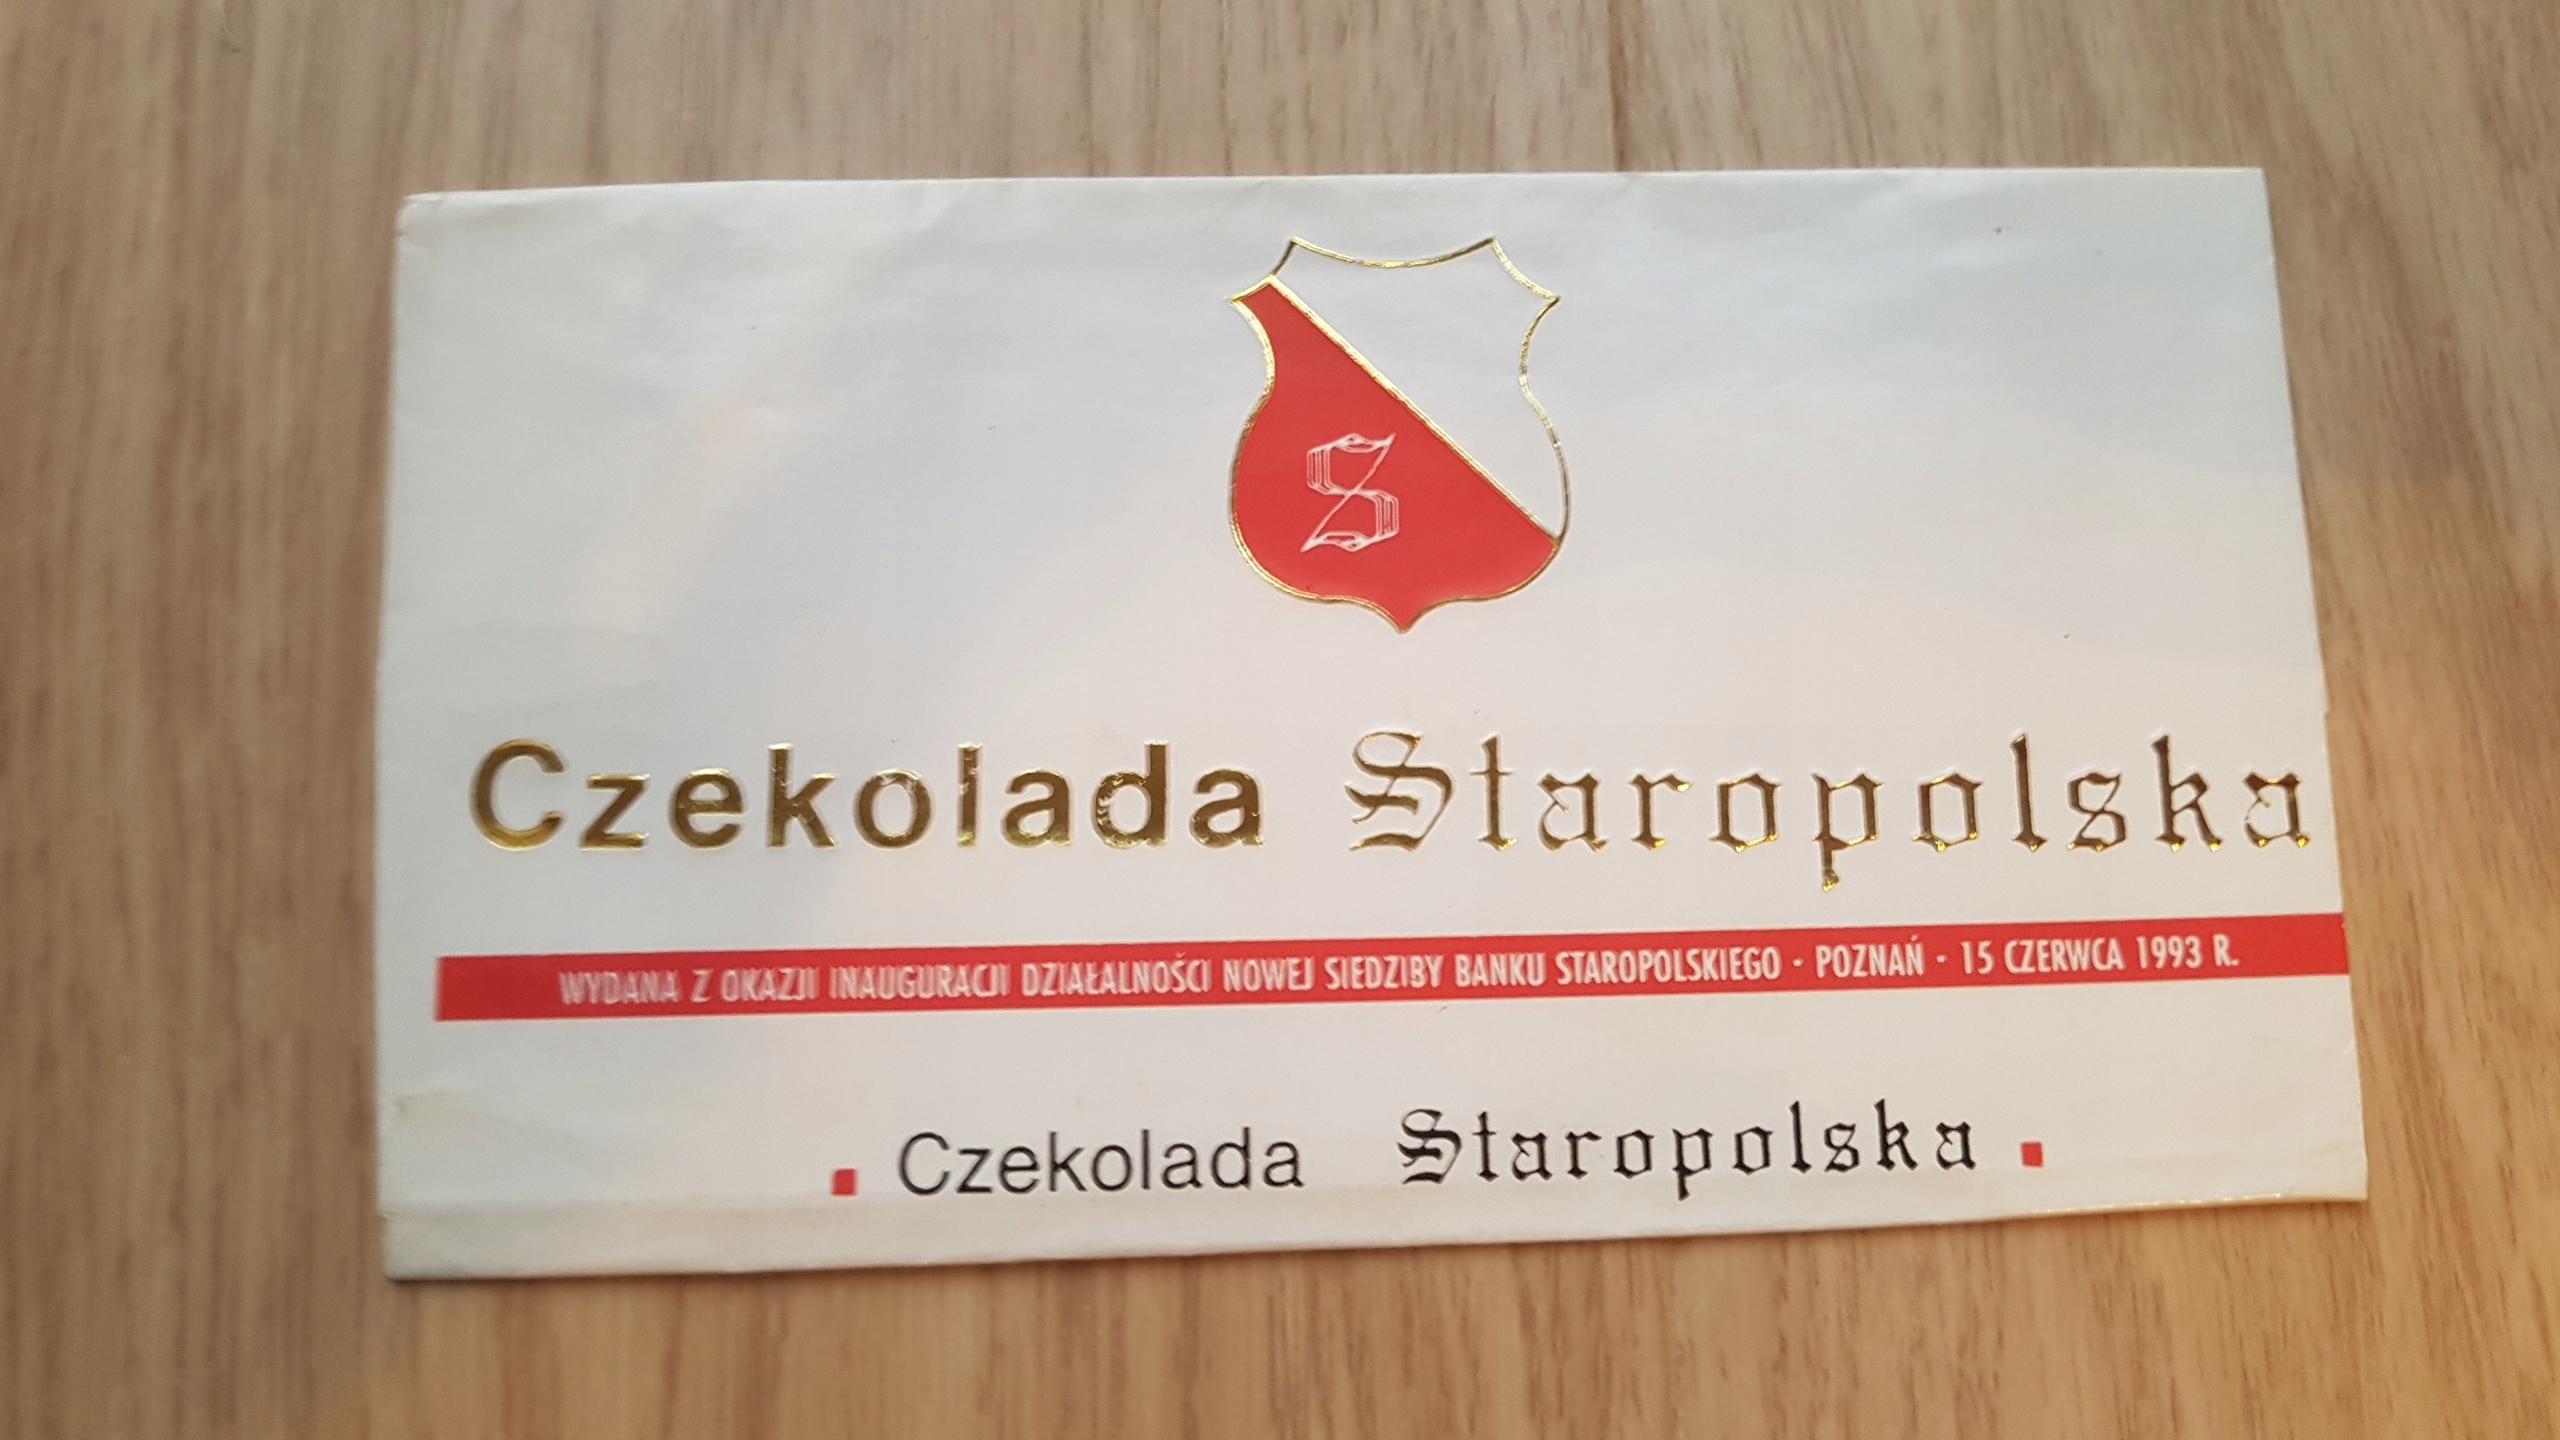 GOPLANA OPAKOWANIE CZEKOLADA STAROPOLSKA